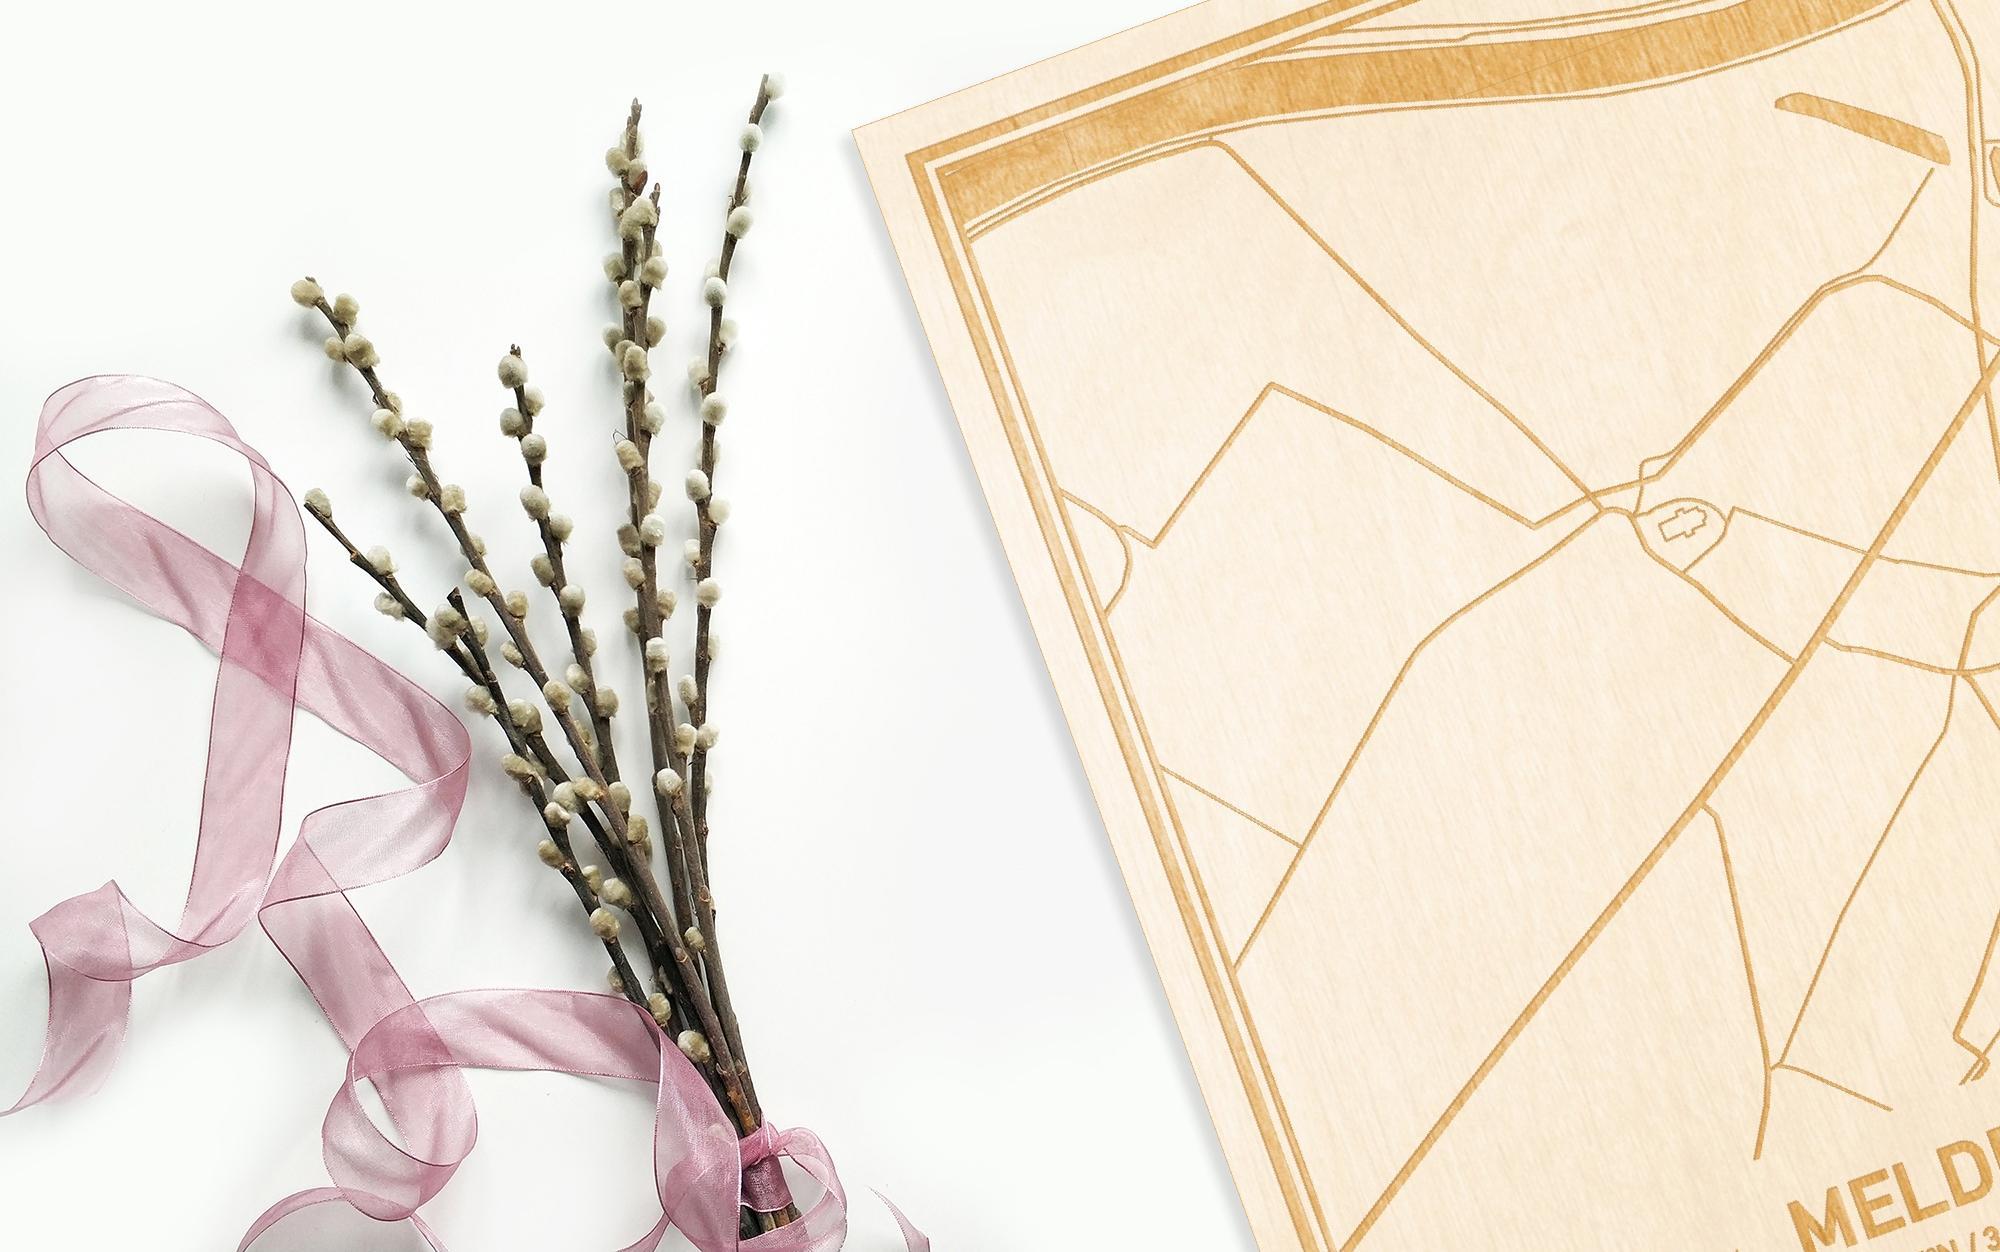 Hier ligt de houten plattegrond Melden naast een bloemetje als gepersonaliseerd cadeau voor haar.